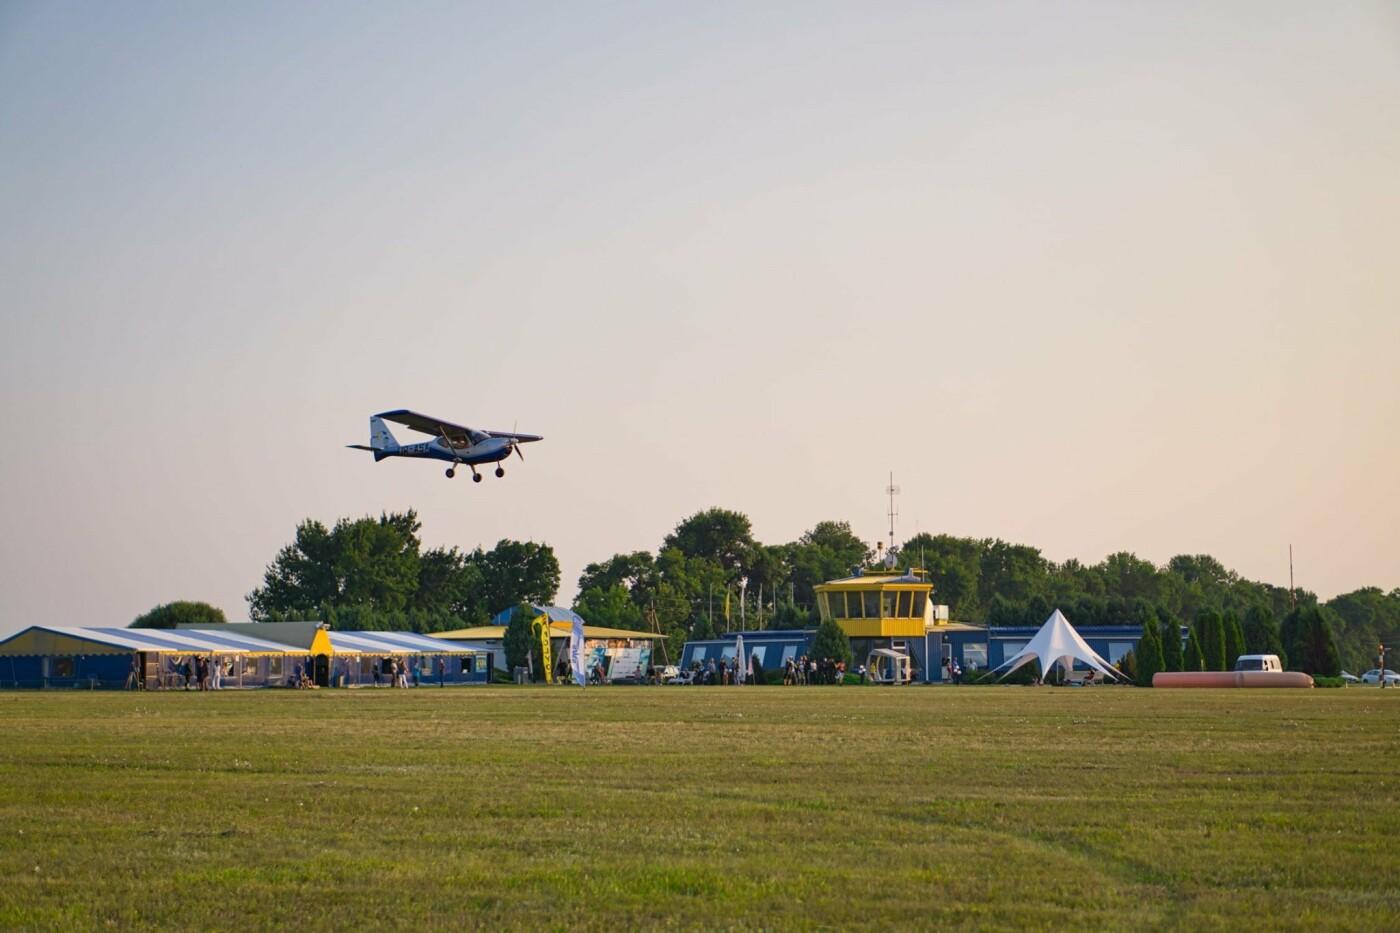 Активный отдых в Днепре - прыжки с парашюта, водный спорт, прокат и аренда транспорта , фото-7